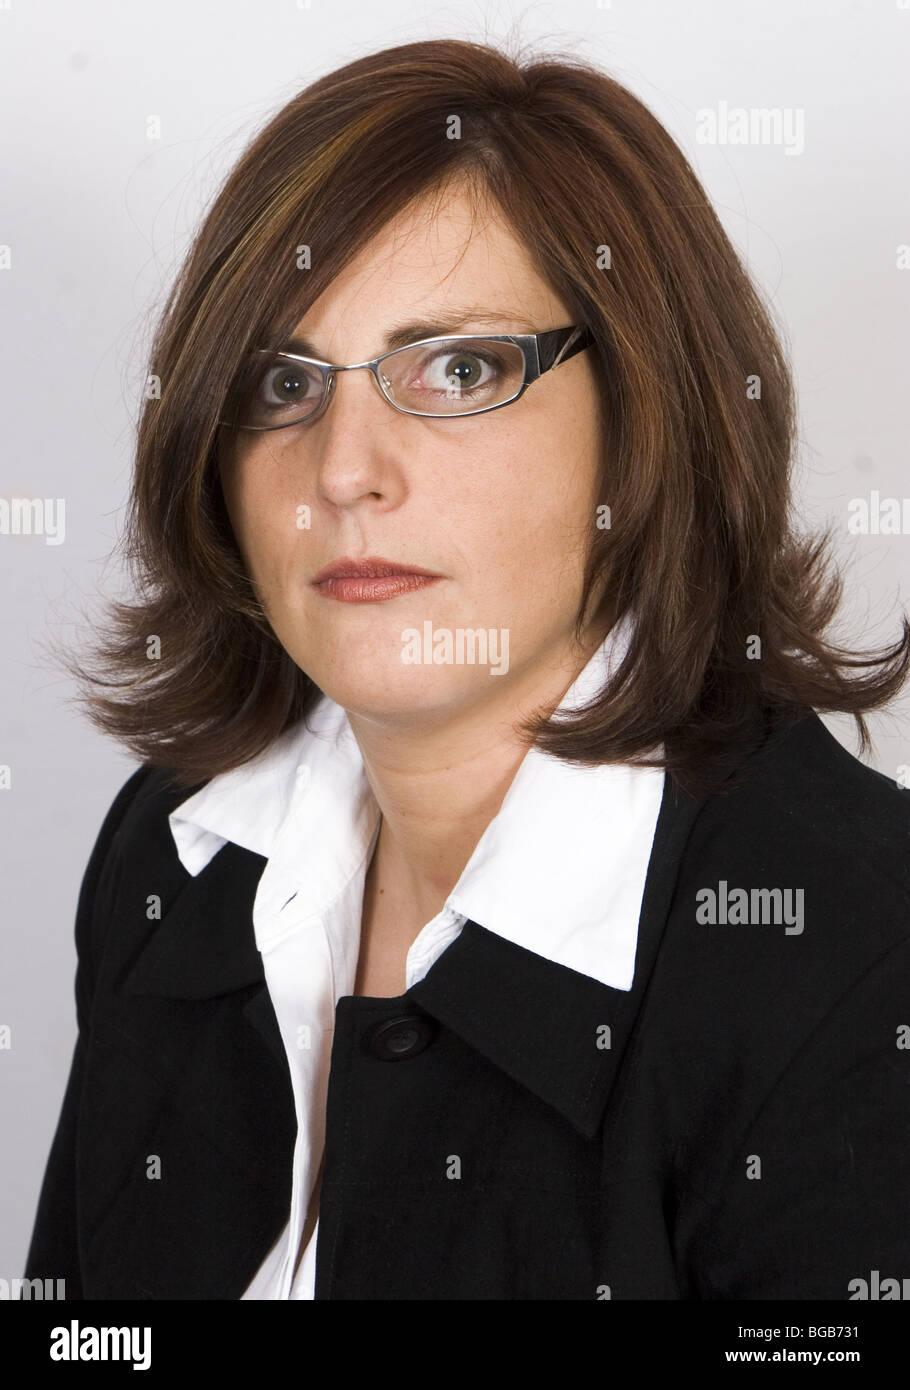 Retrato serio 30s mujer con cabello castaño y gafas - SerieCVS417444 Imagen De Stock